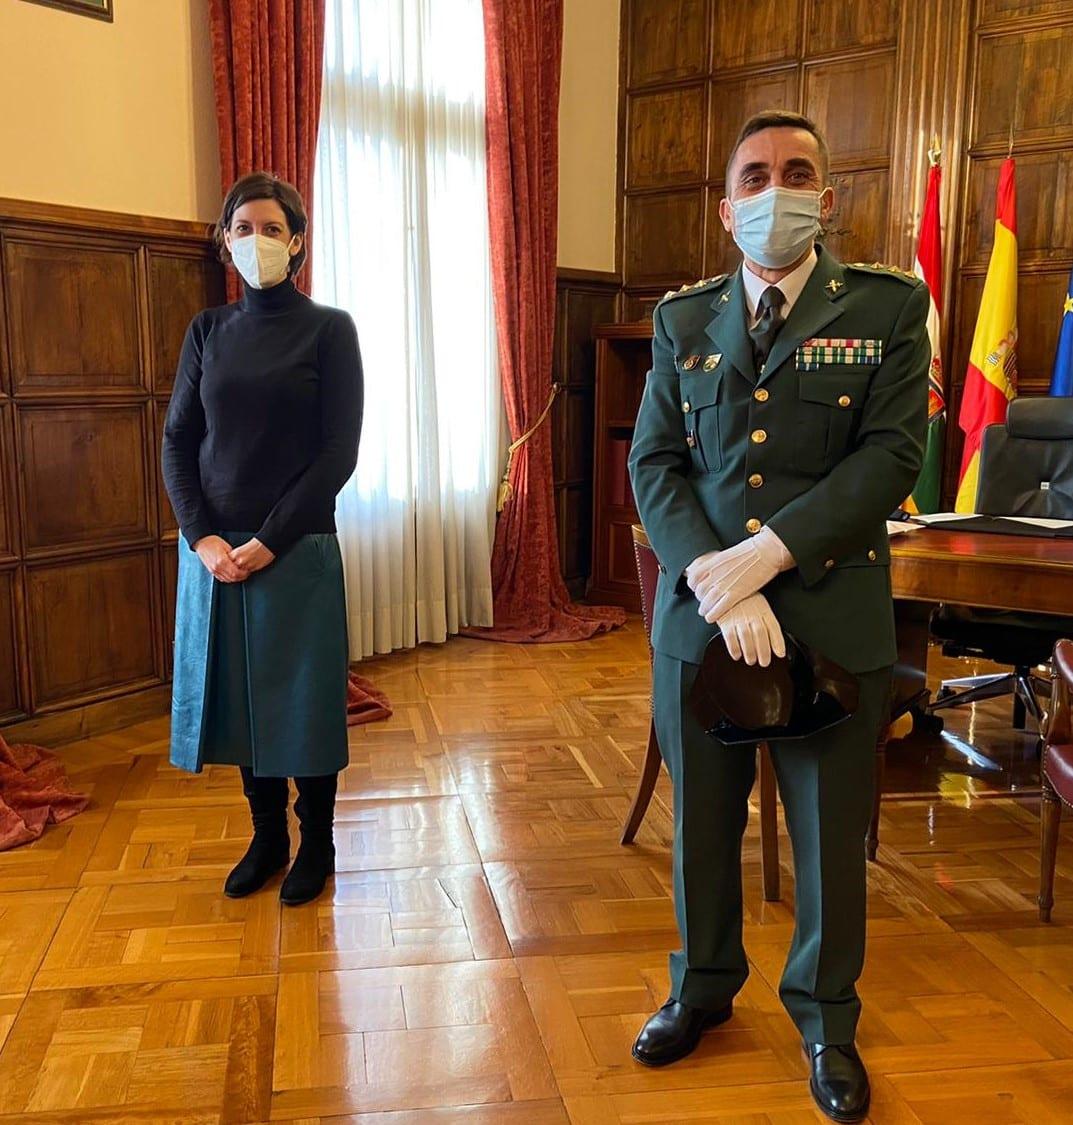 Andreu y Marrodán reciben al nuevo jefe de la UAR de la Guardia Civil, el coronel Francisco Javier Molano 1